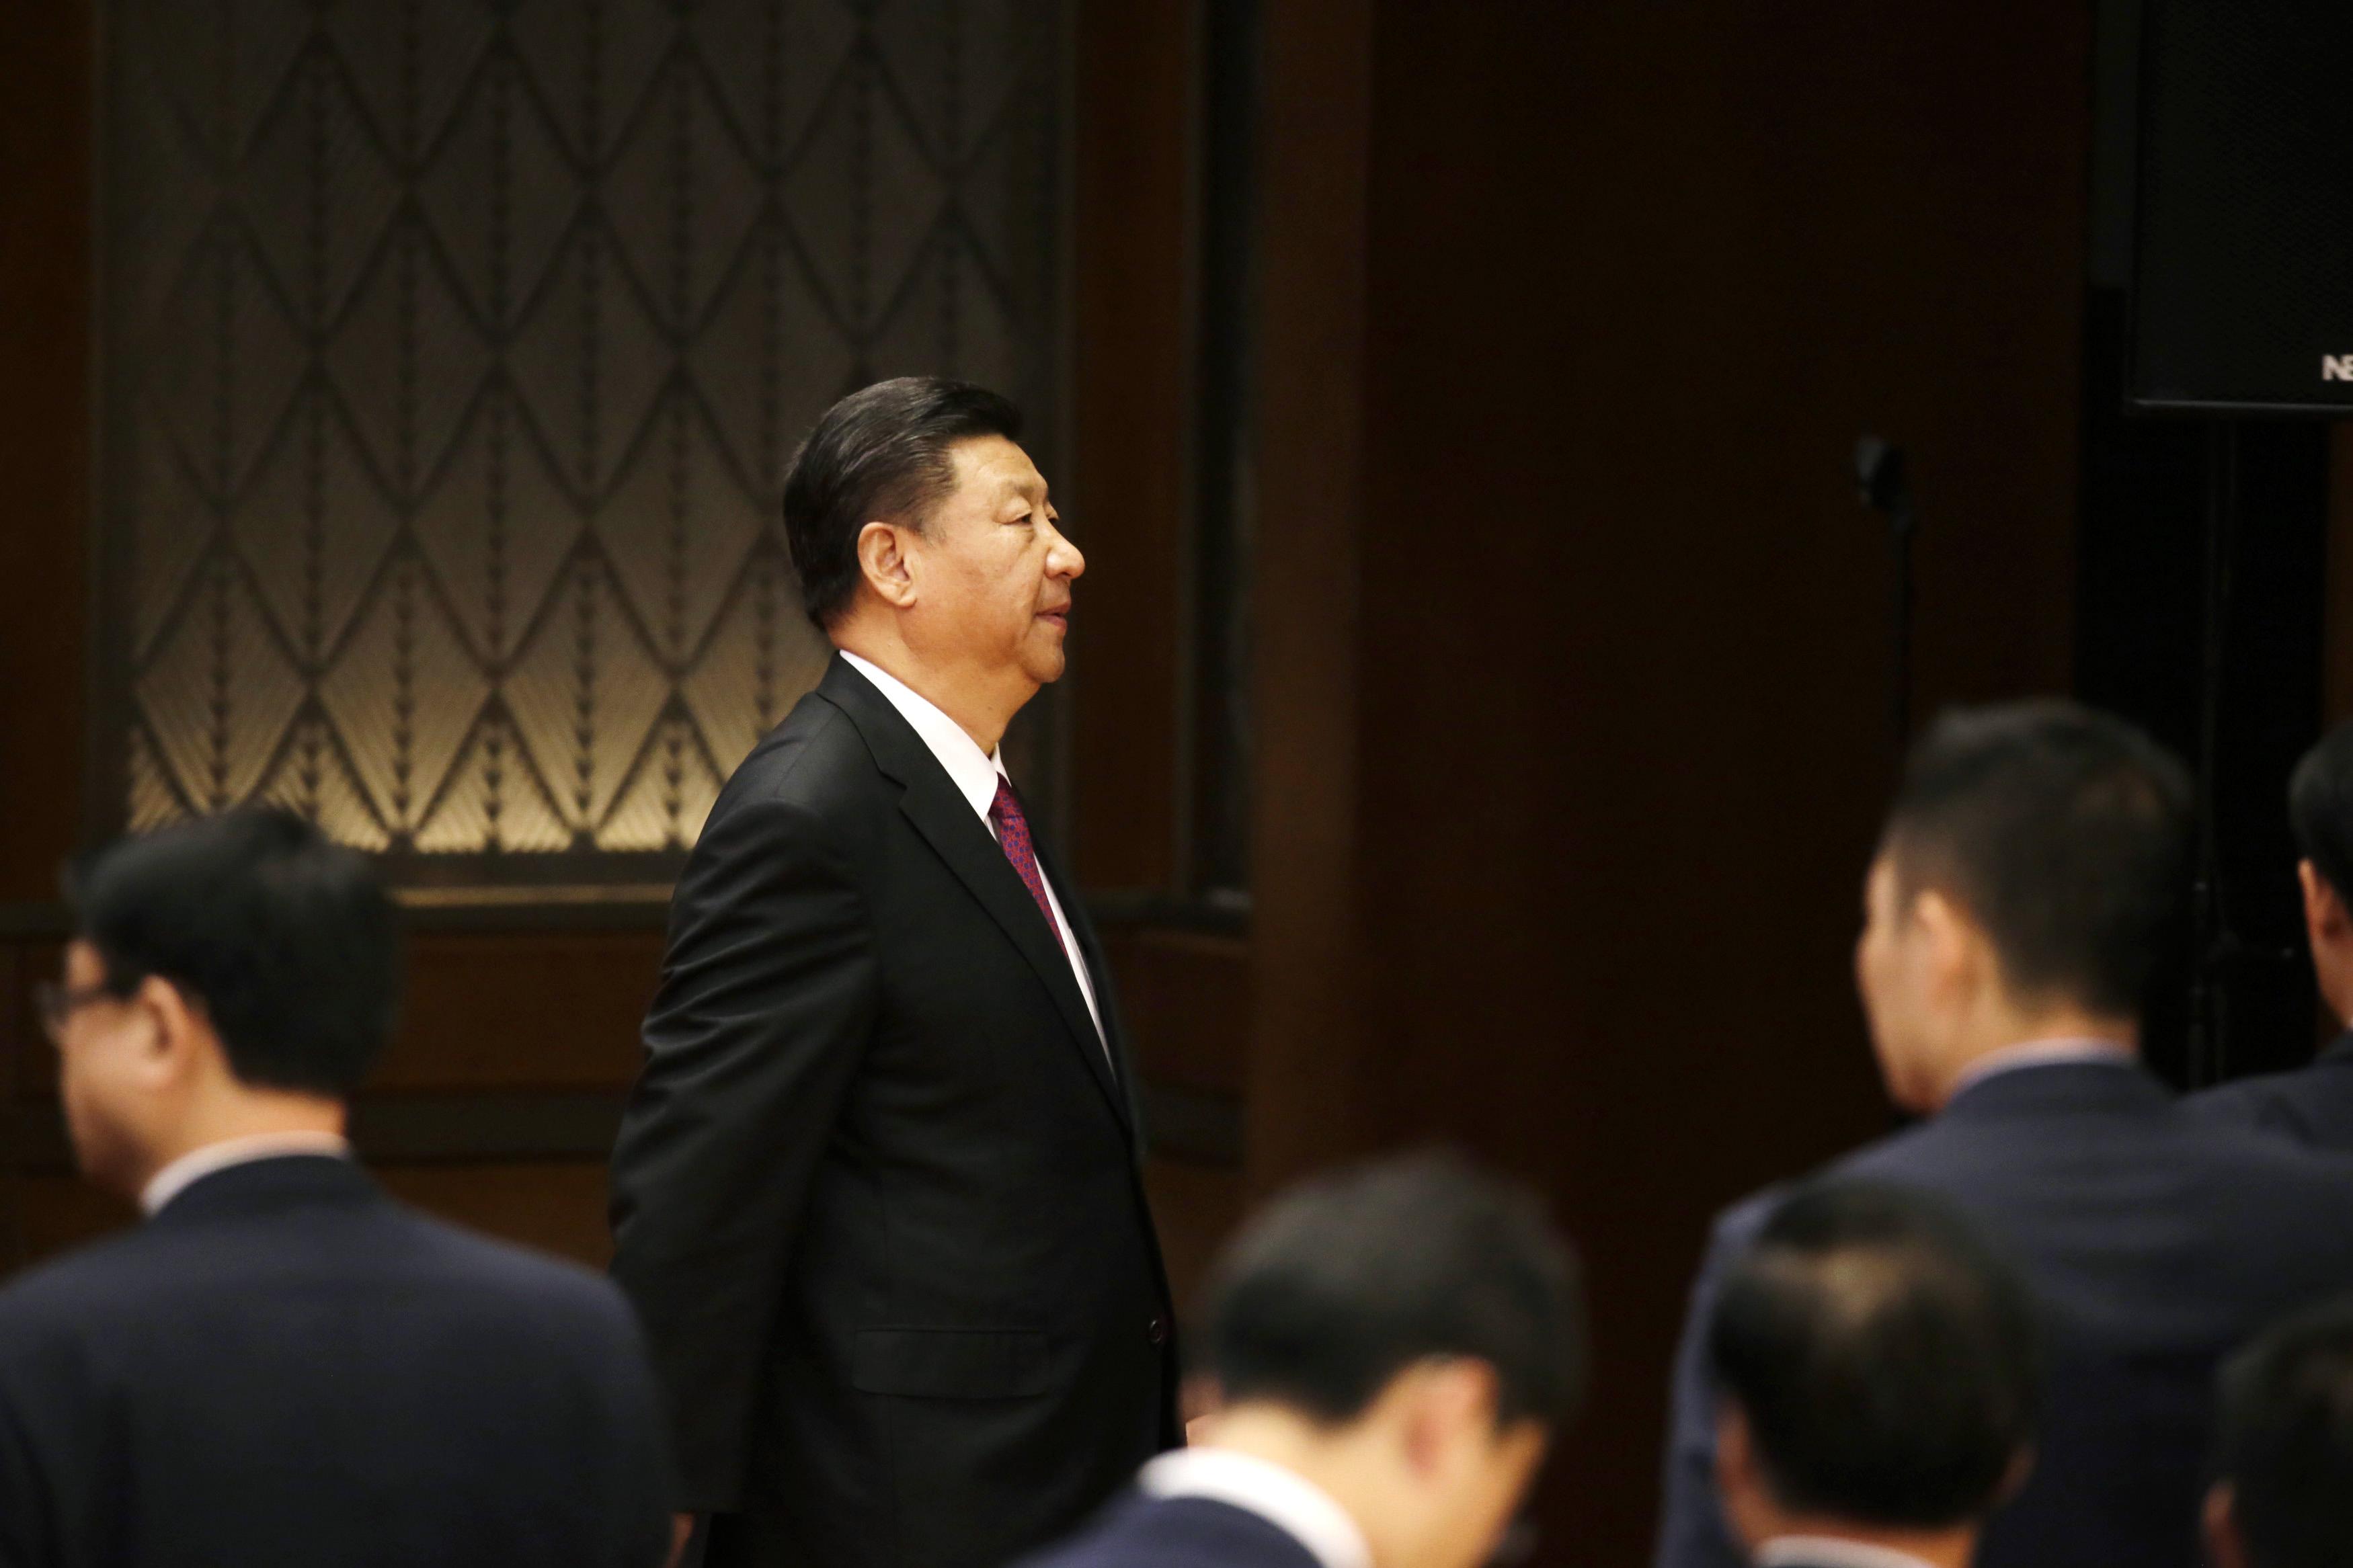 中共總書記習近平近期推動的內循環經濟政策,在官場和民間存在質疑。圖為習近平。(JASON LEE/AFP via Getty Images)